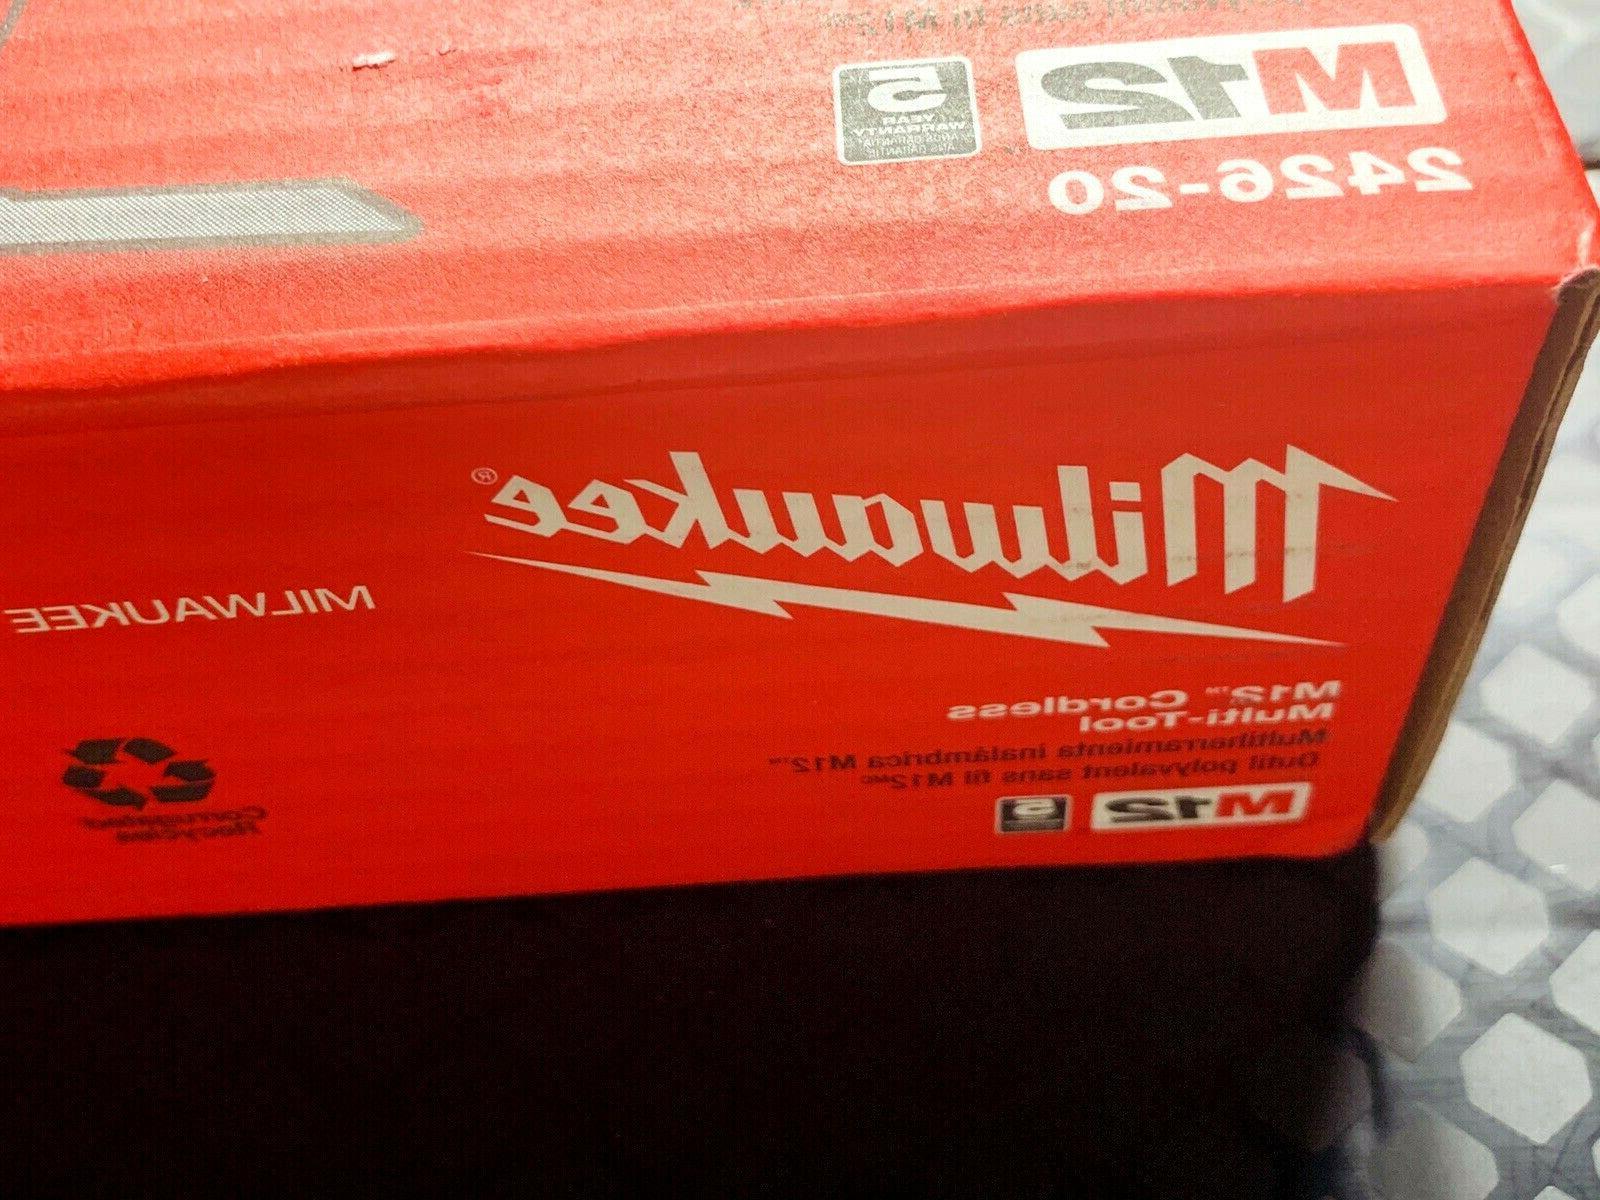 Genuine Milwaukee 12V LI Cordless Oscillating Multi-Tool